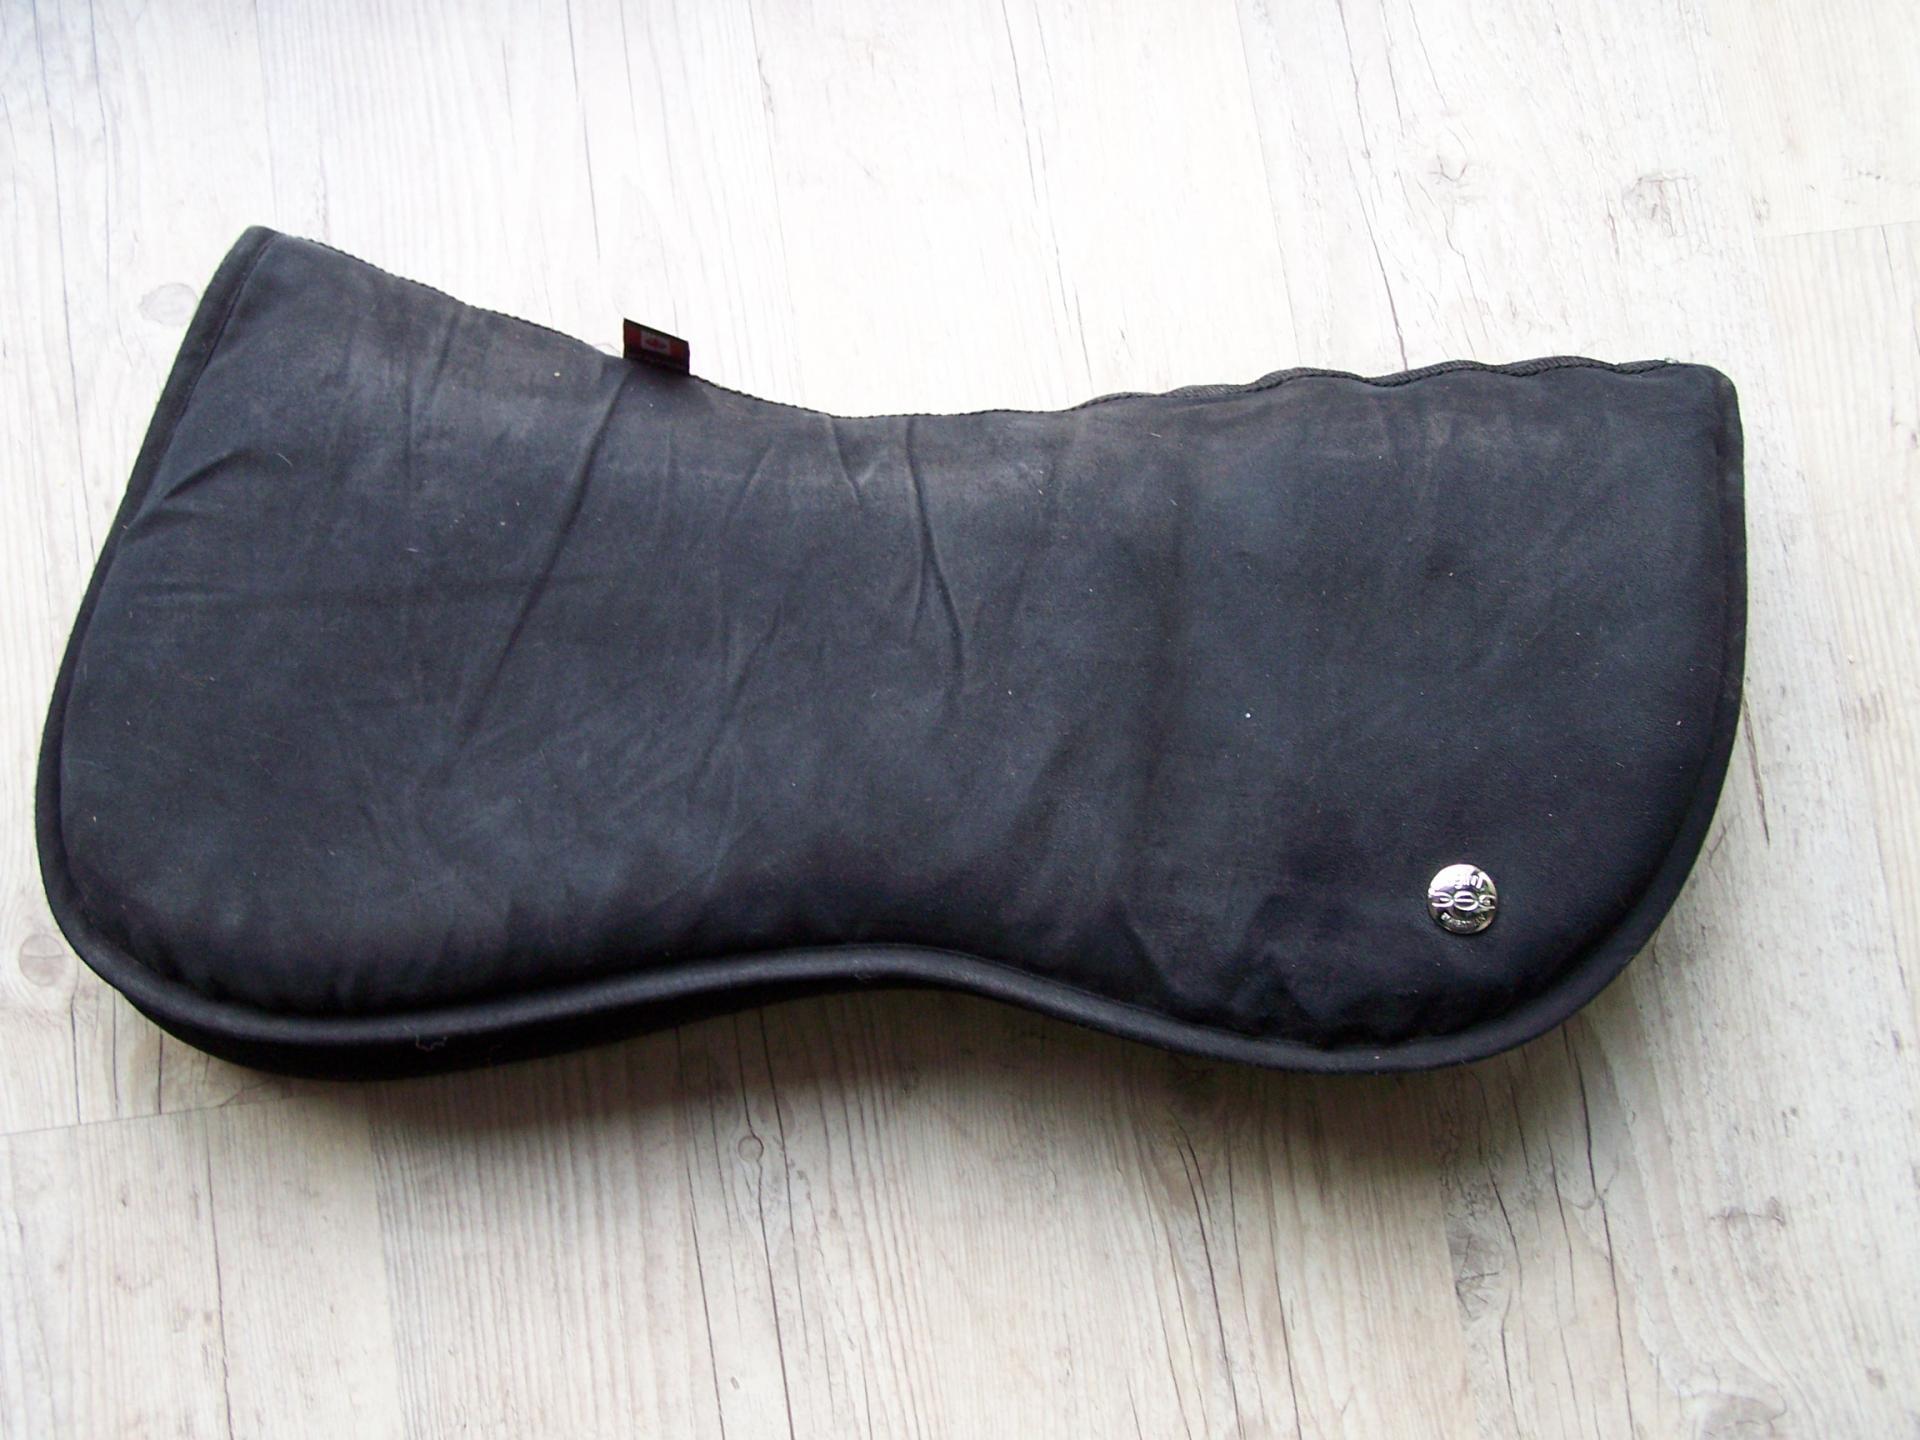 amortisseurs saddle accessorie. Black Bedroom Furniture Sets. Home Design Ideas